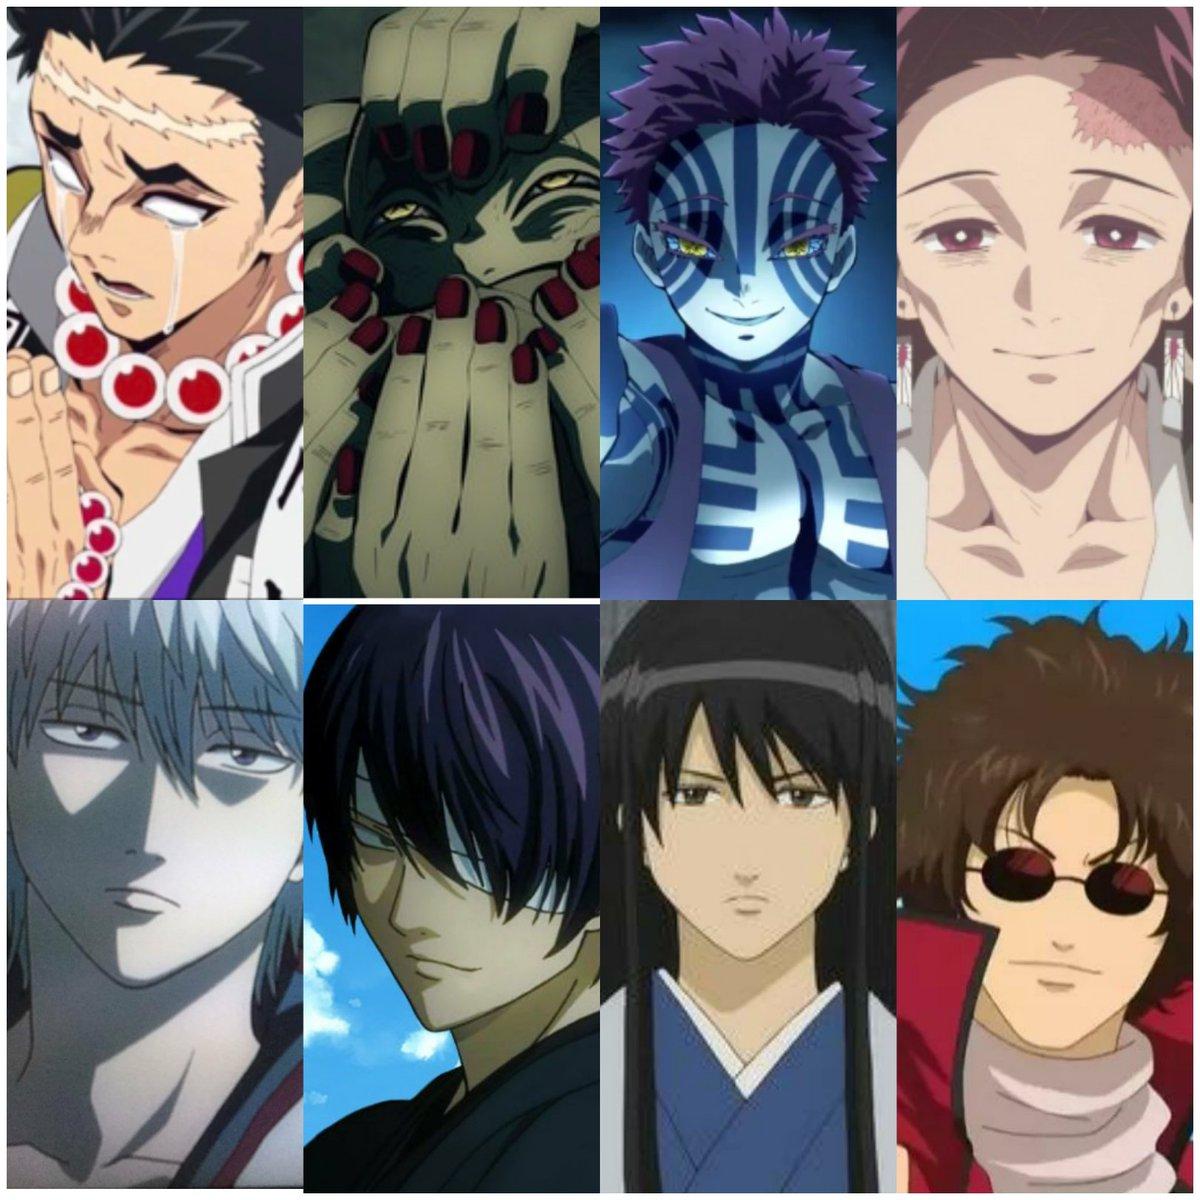 石田さんが猗窩座の声だということは、銀魂の攘夷四天王のキャスト4人とも鬼滅出てることになるのか